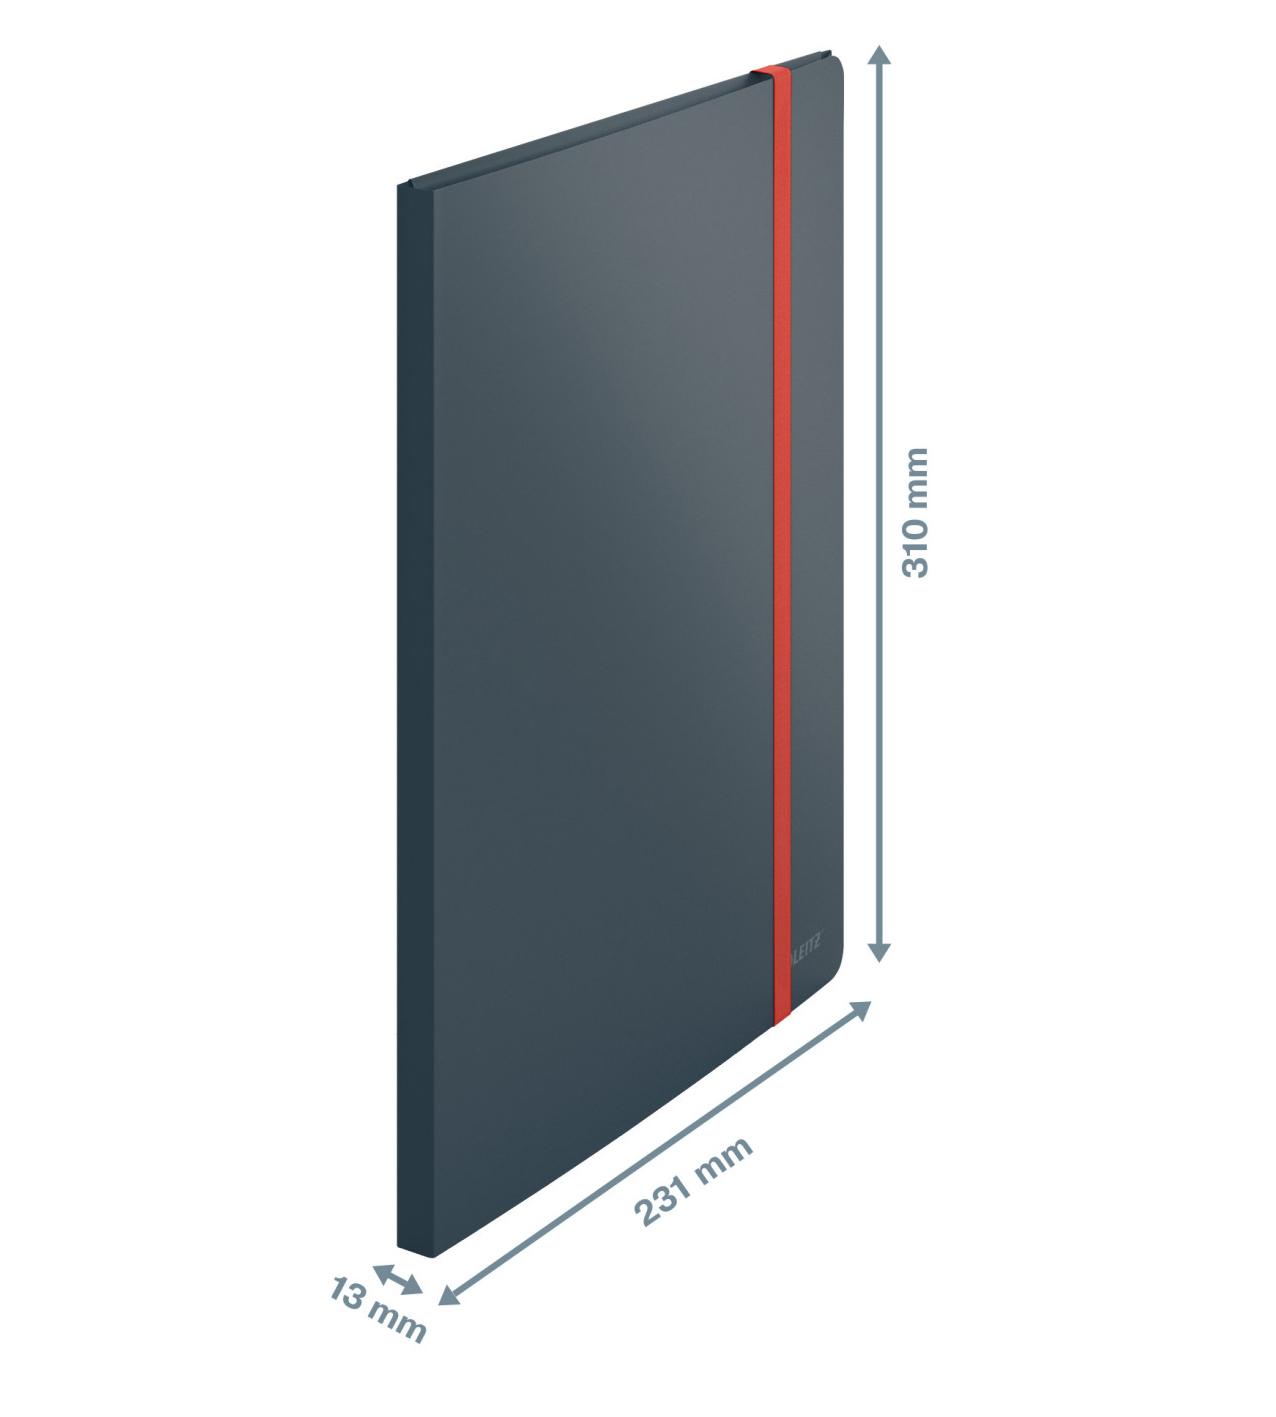 Папка на 20 файлов COSY с тремя клапанами на резинке, серый LEITZ - фото 3